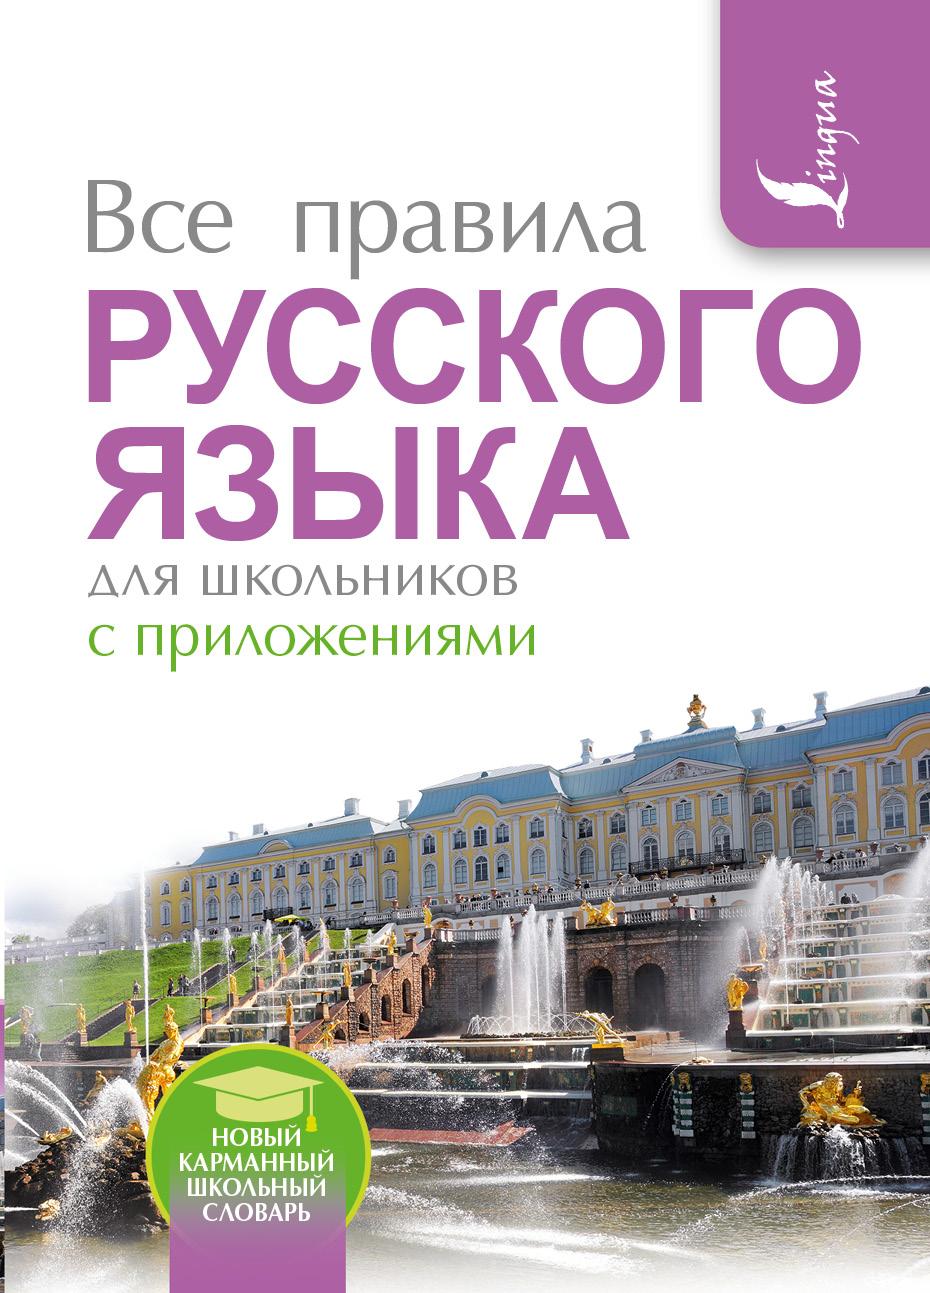 Матвеев С.А. Все правила русского языка для школьников с приложениями